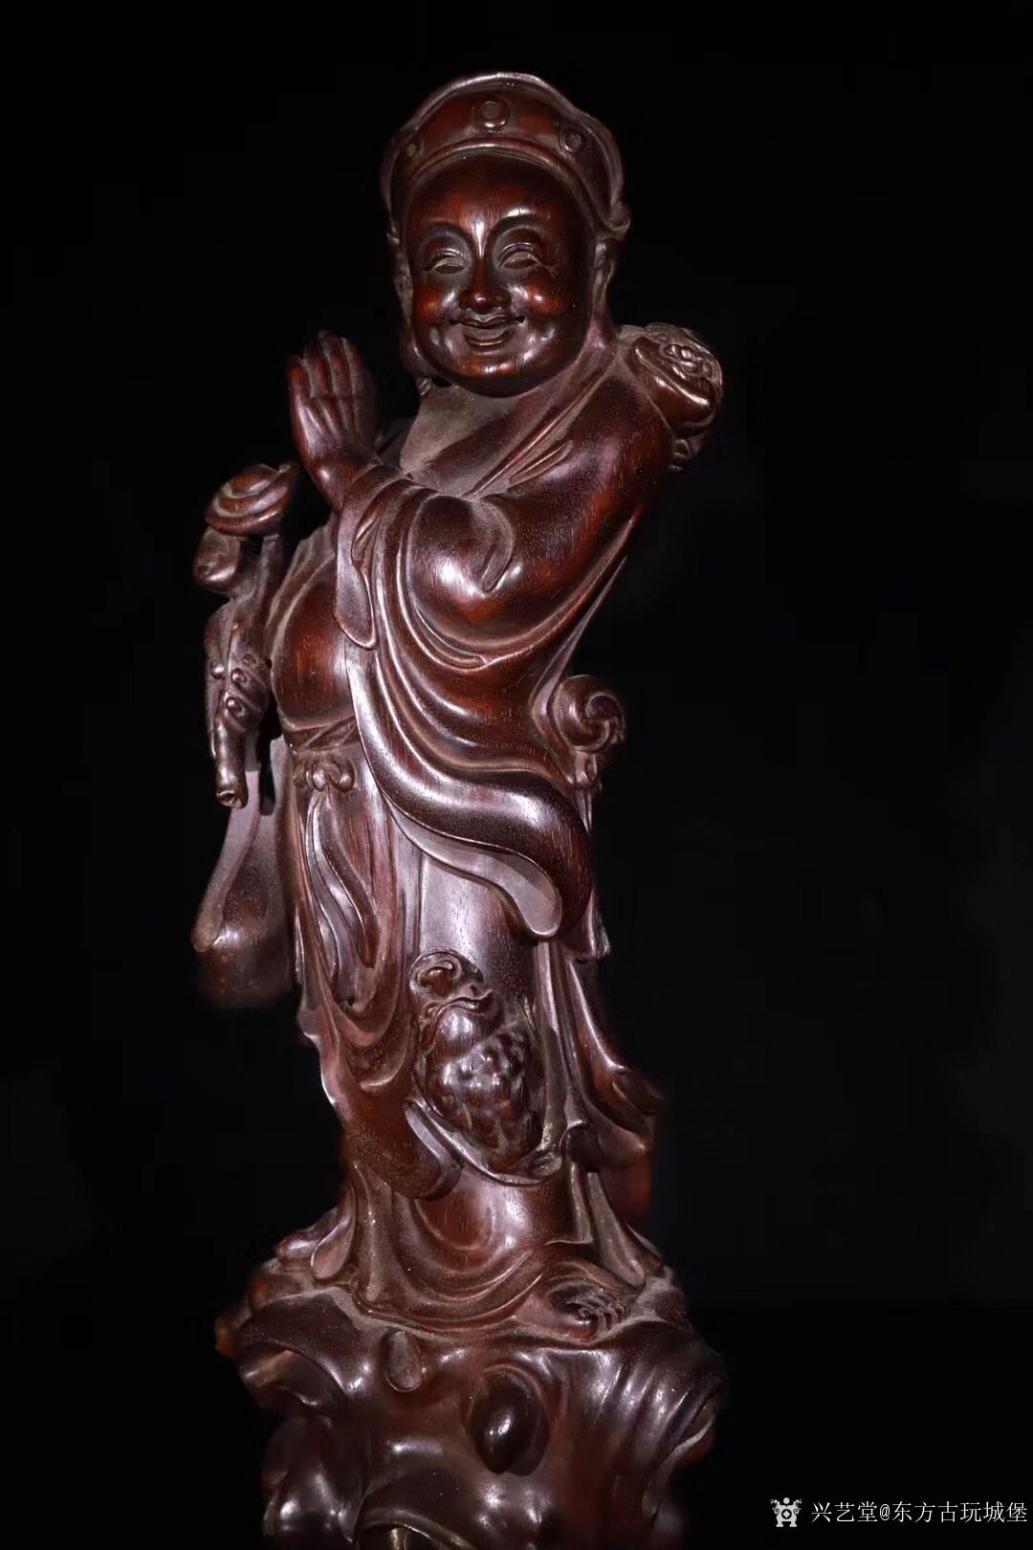 东方古玩城堡雕刻作品《紫檀木刘海戏金蟾》【图2】